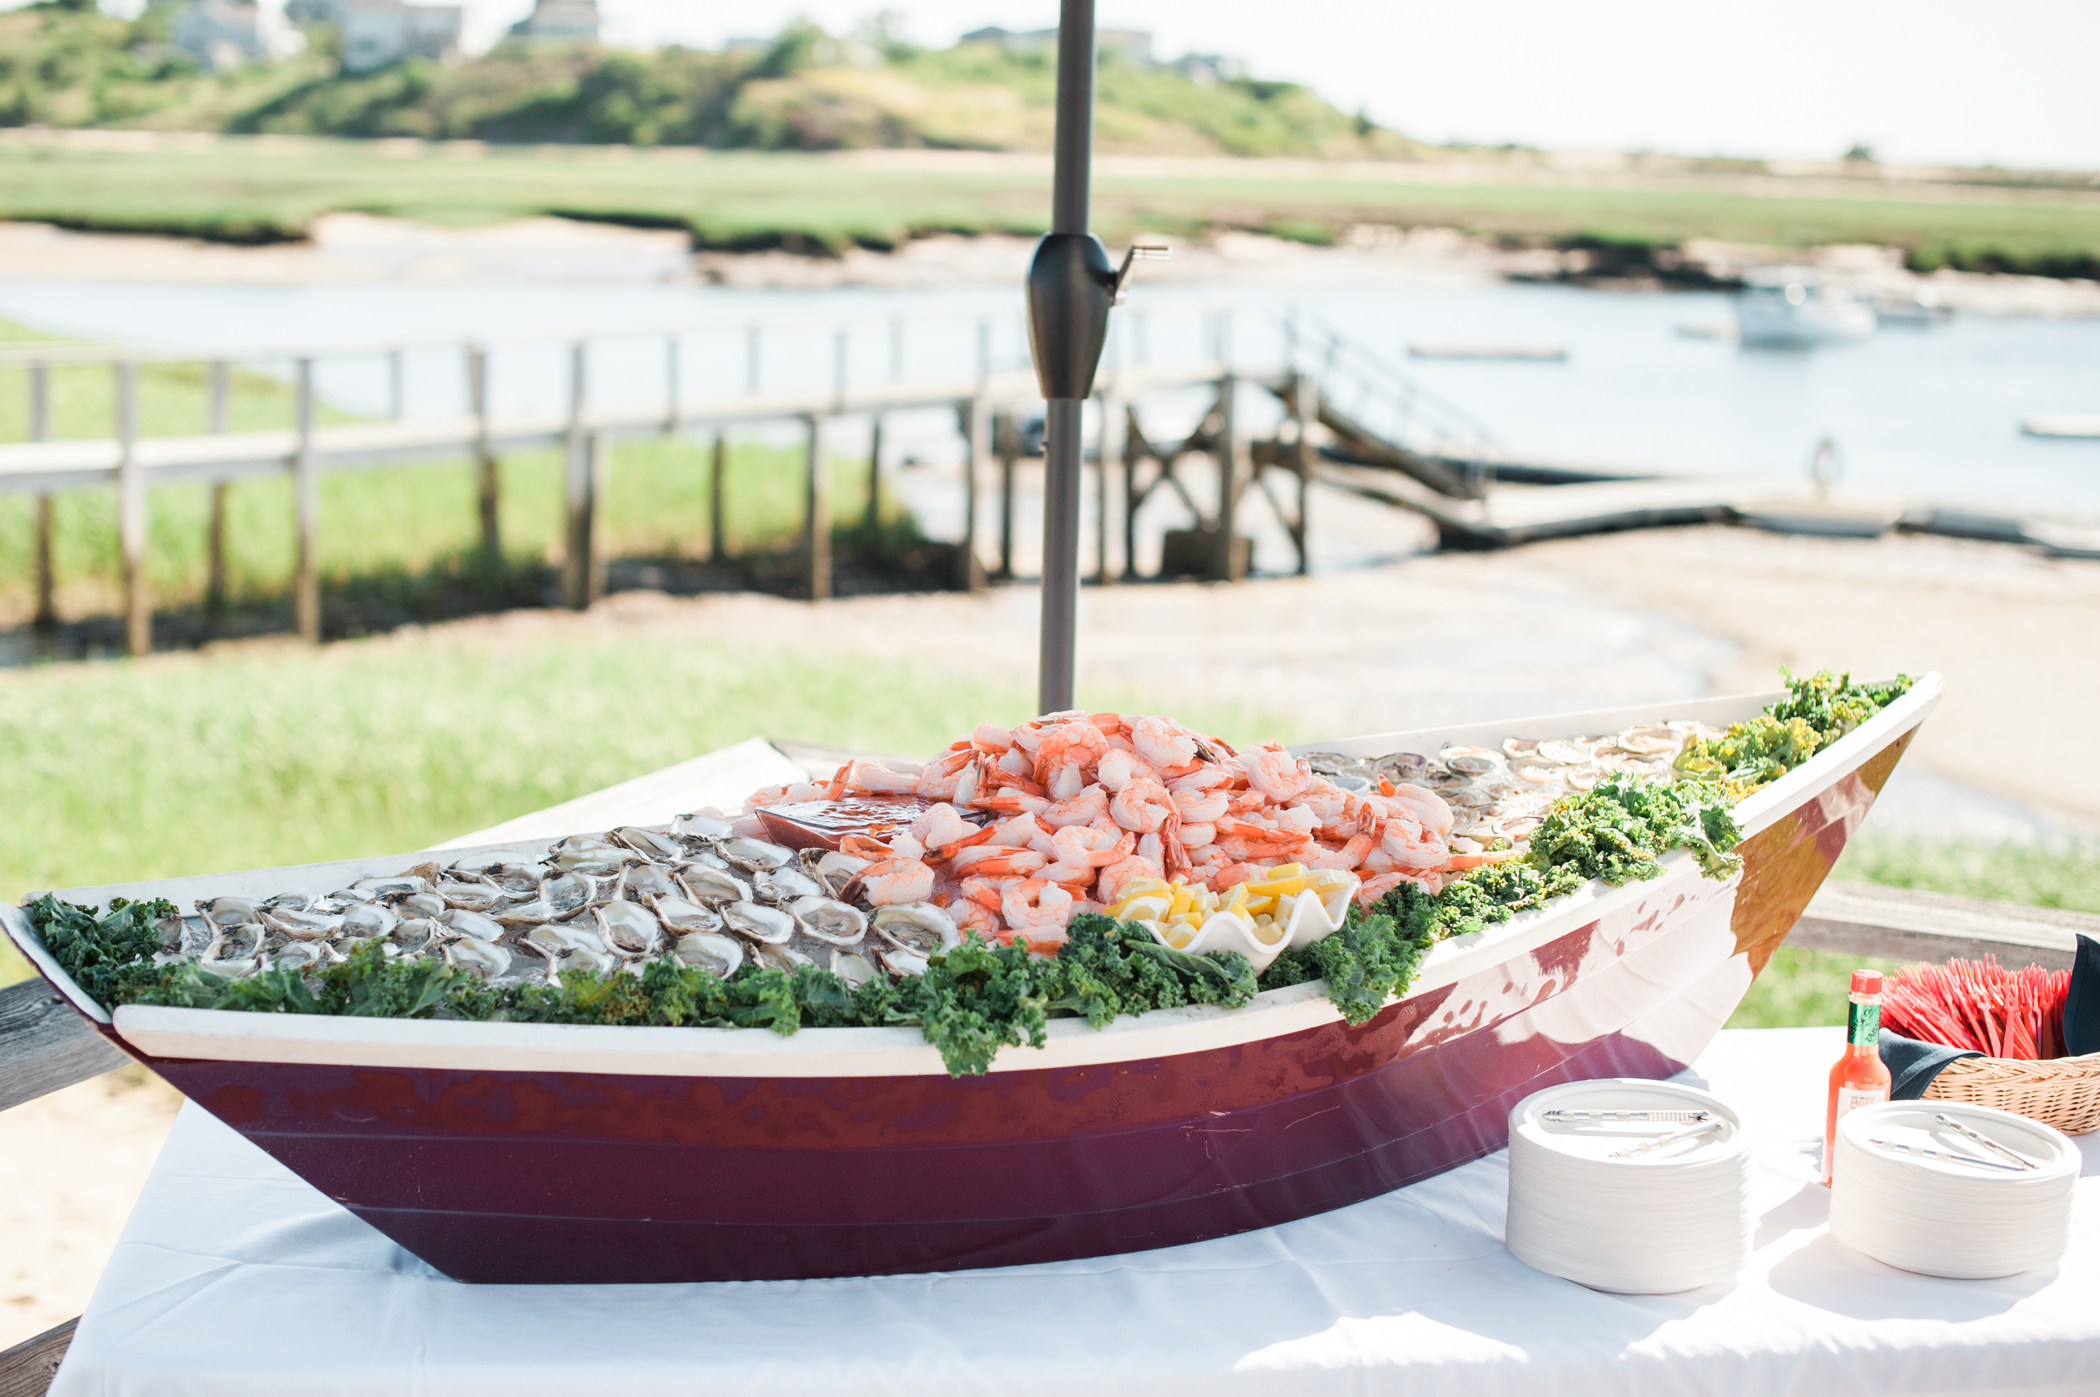 boat shaped seafood filled serving bar